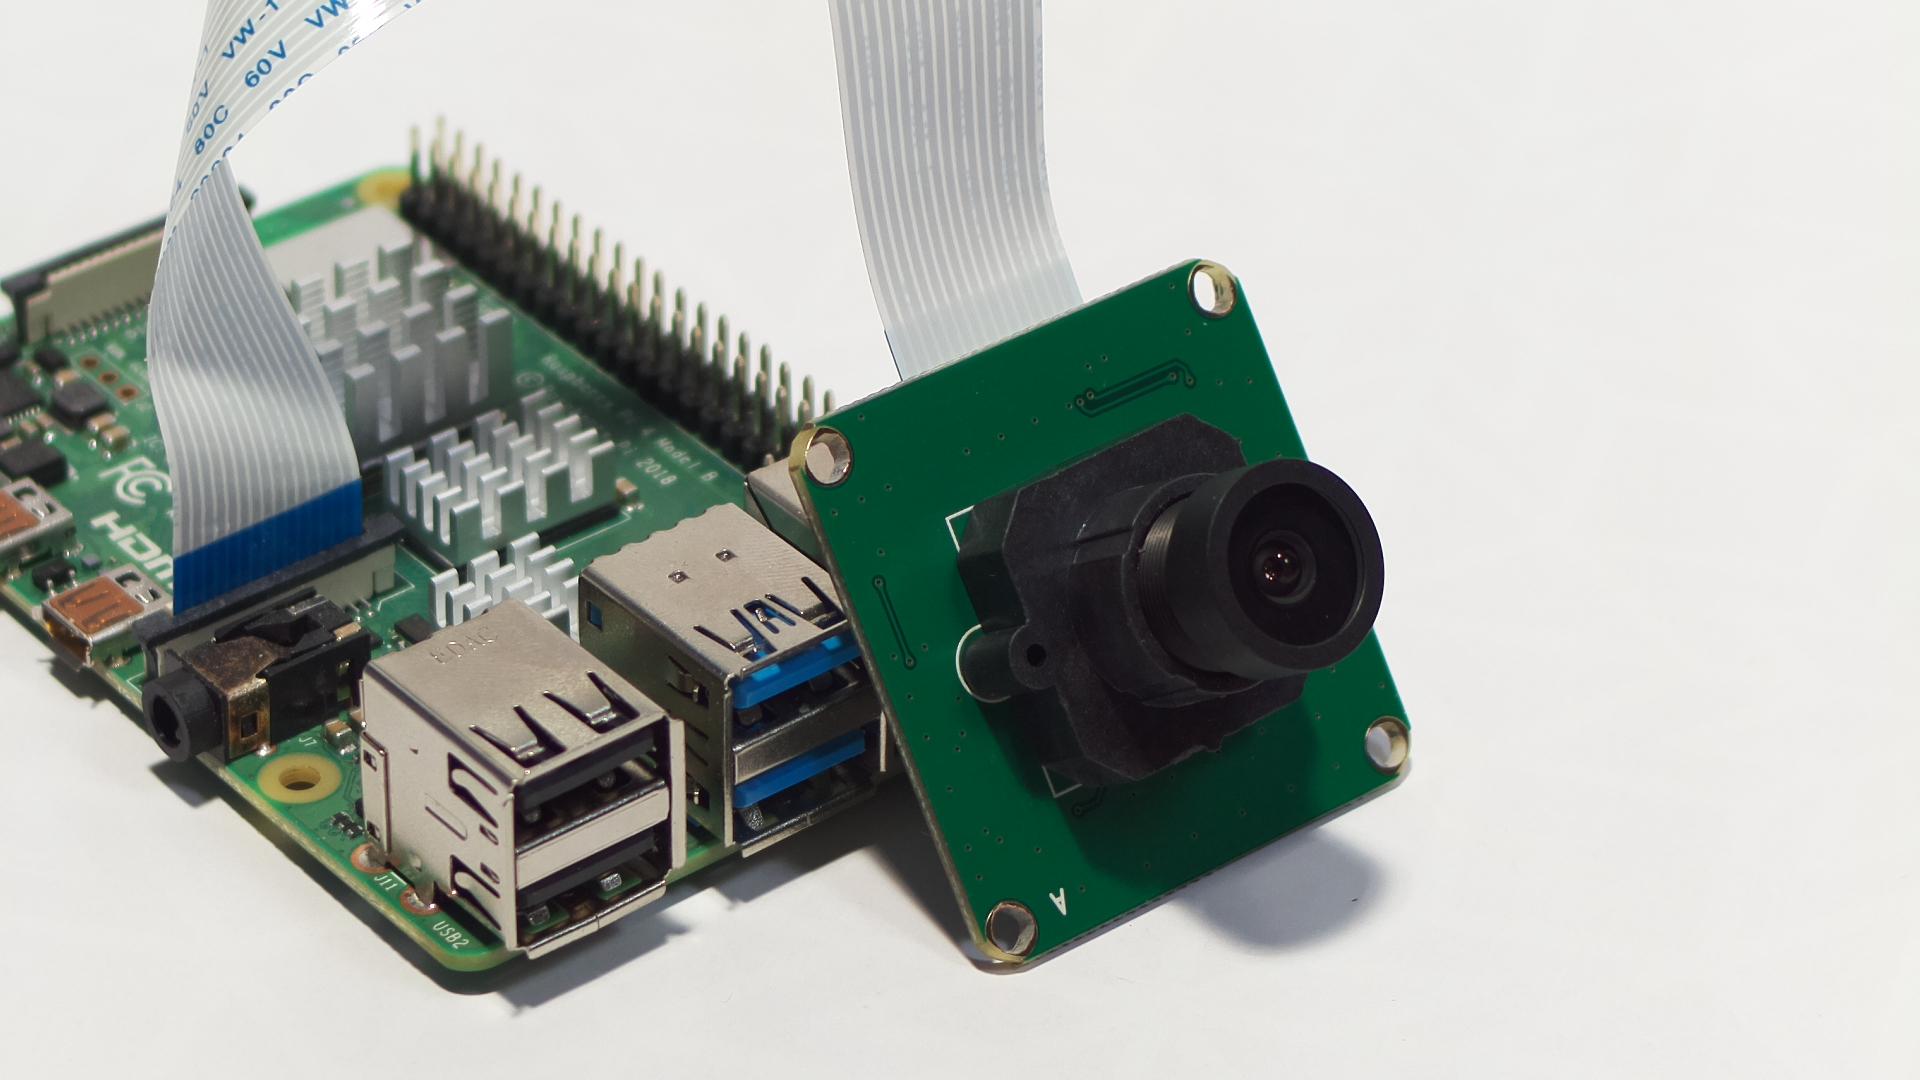 Raspberry Pi 4b 5MP camera attachment